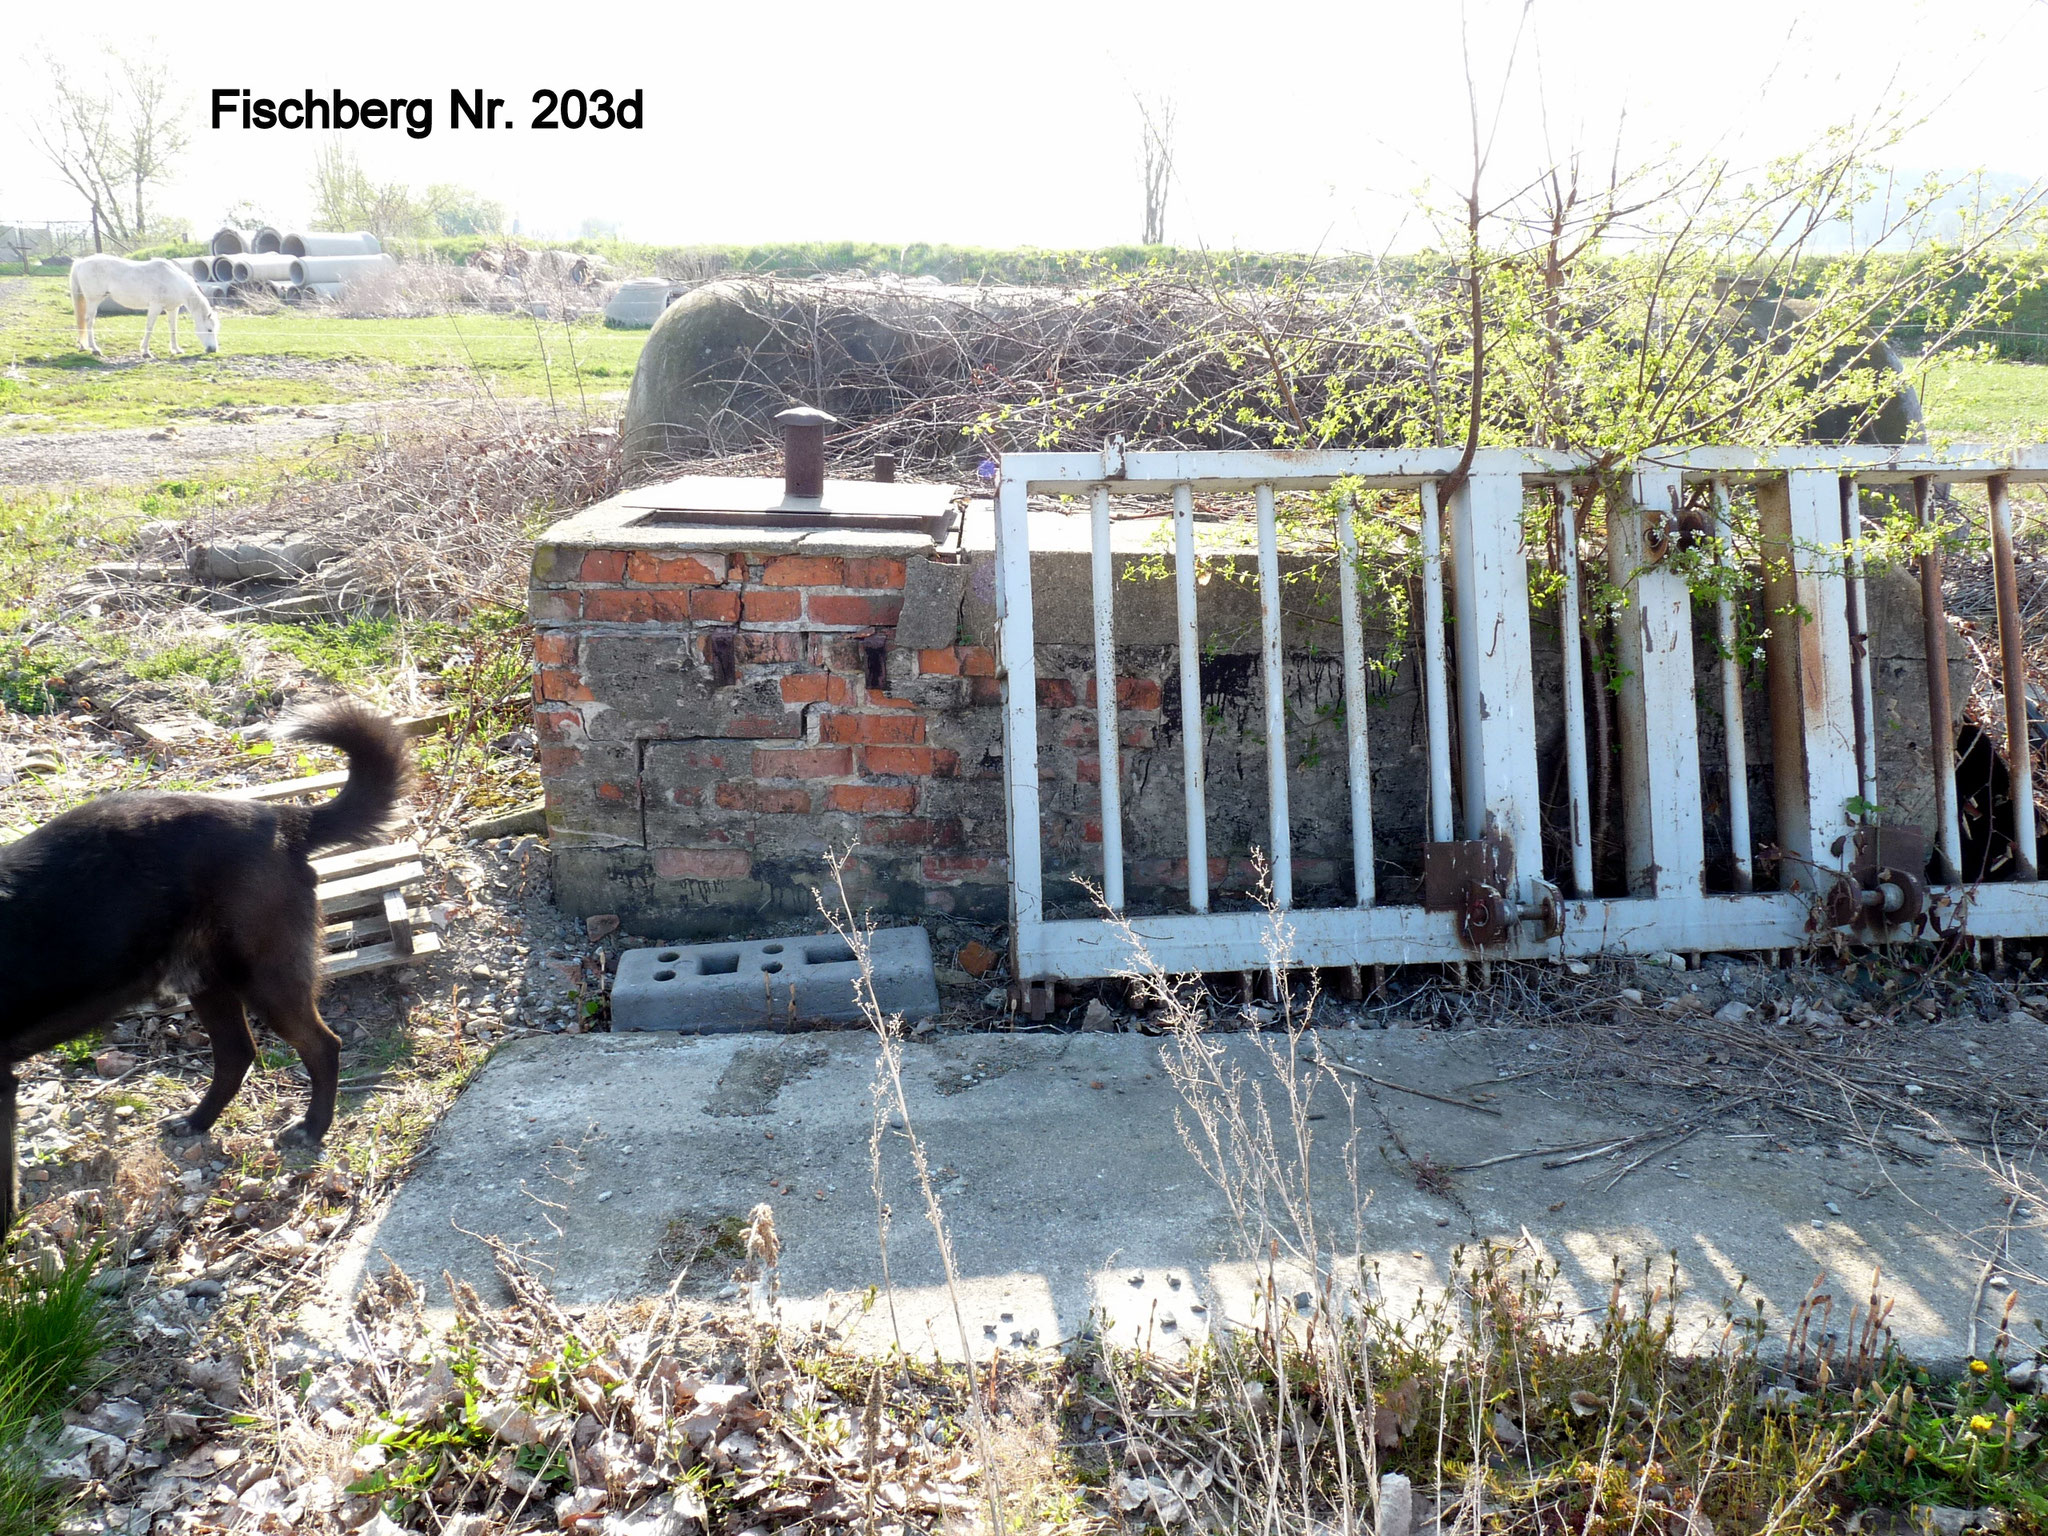 Fischberg 203